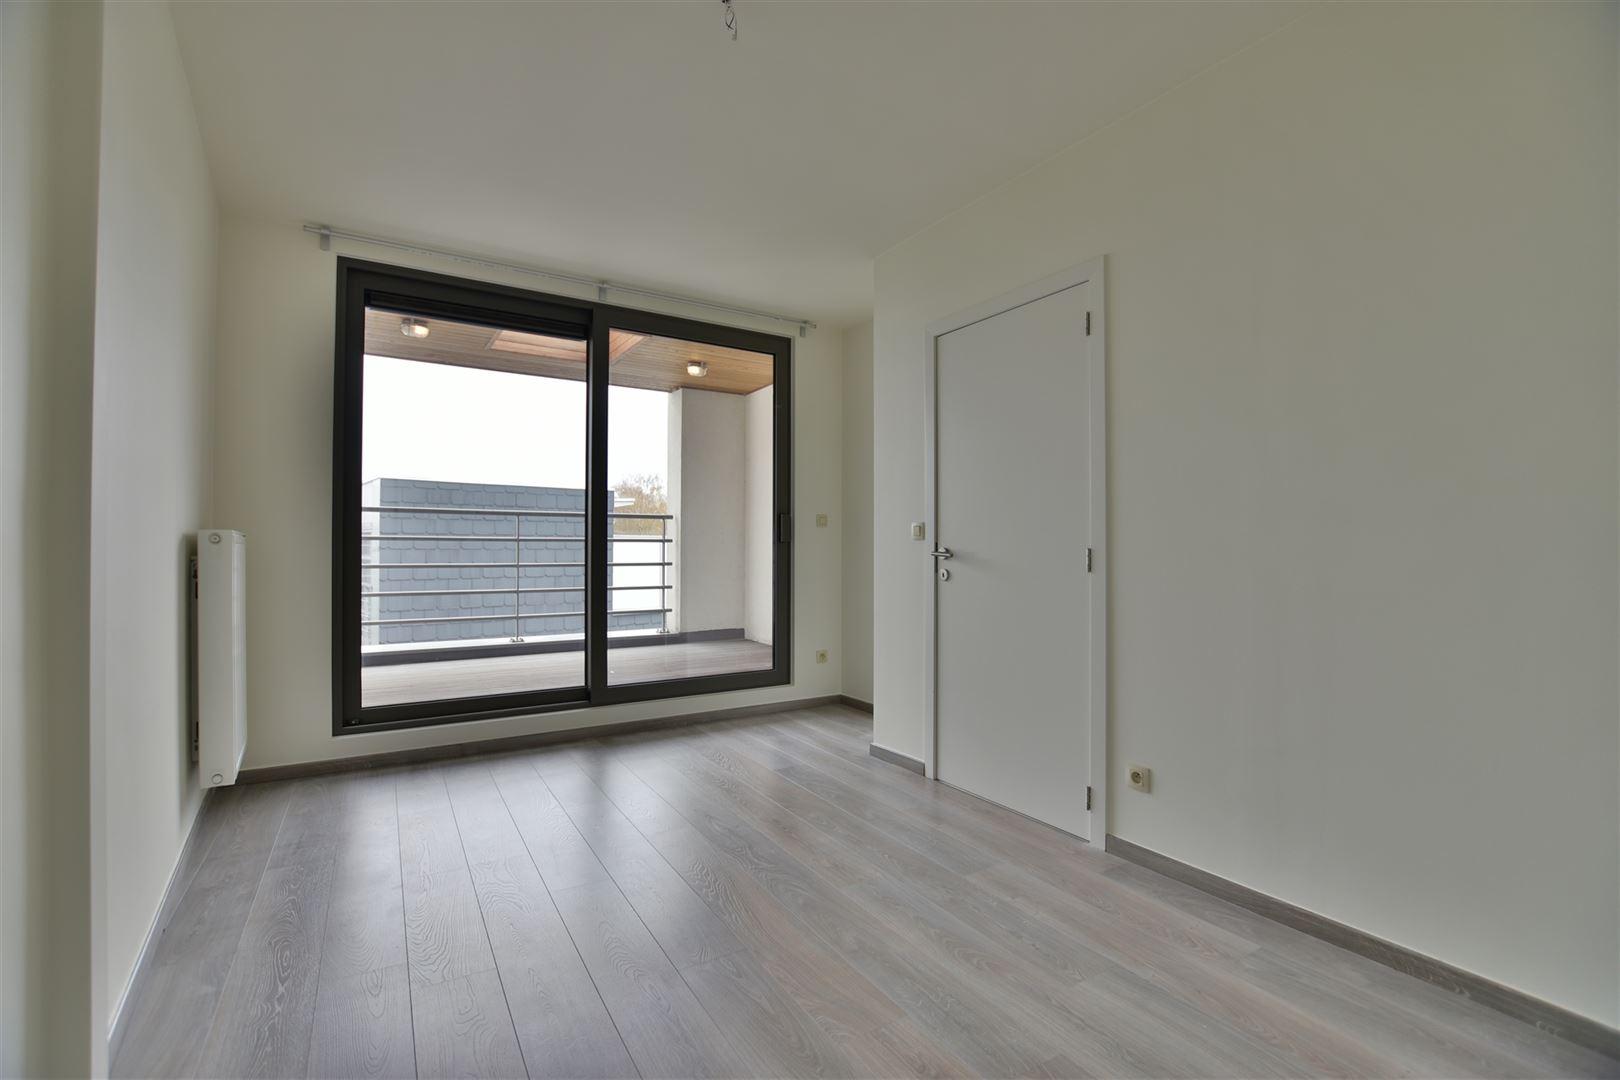 Foto 23 : Appartement te 9200 Sint-Gillis-bij-Dendermonde (België) - Prijs € 278.000